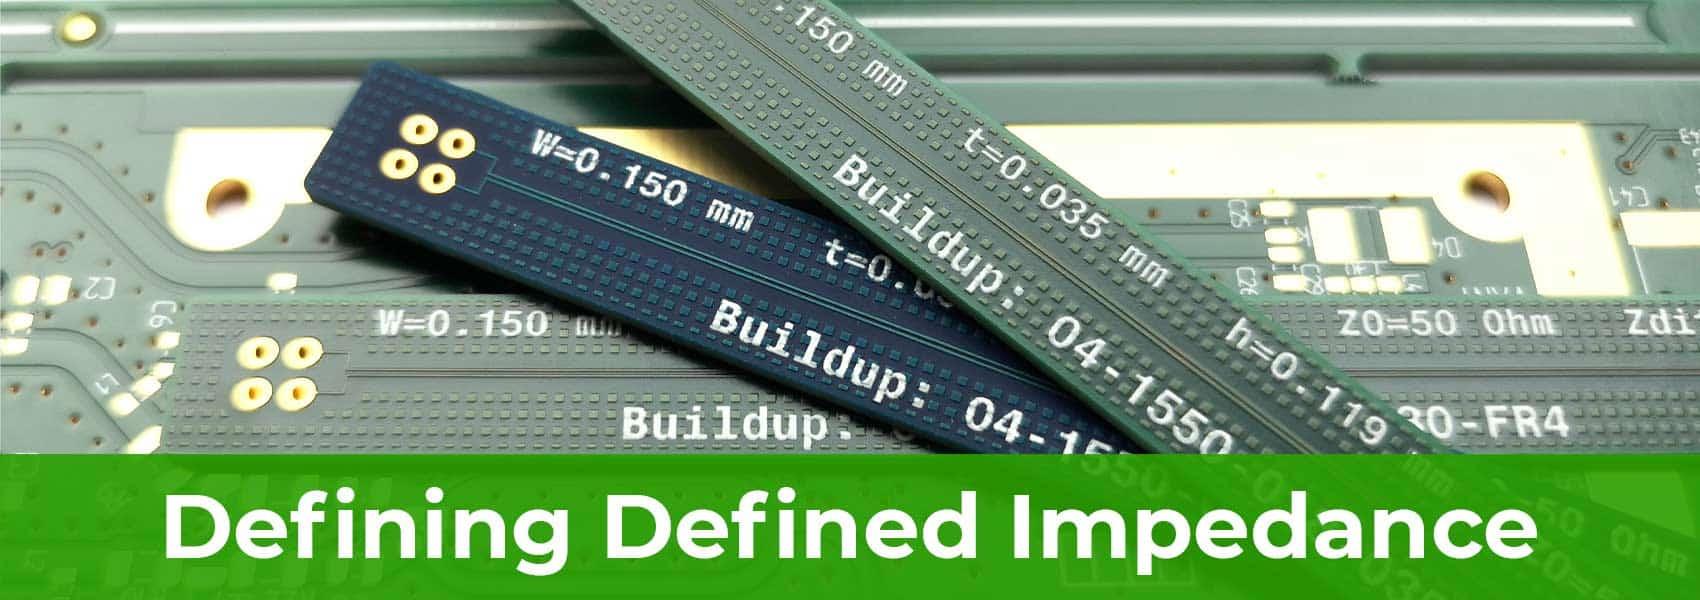 Defined-Impedance-Blog-Banner-V2